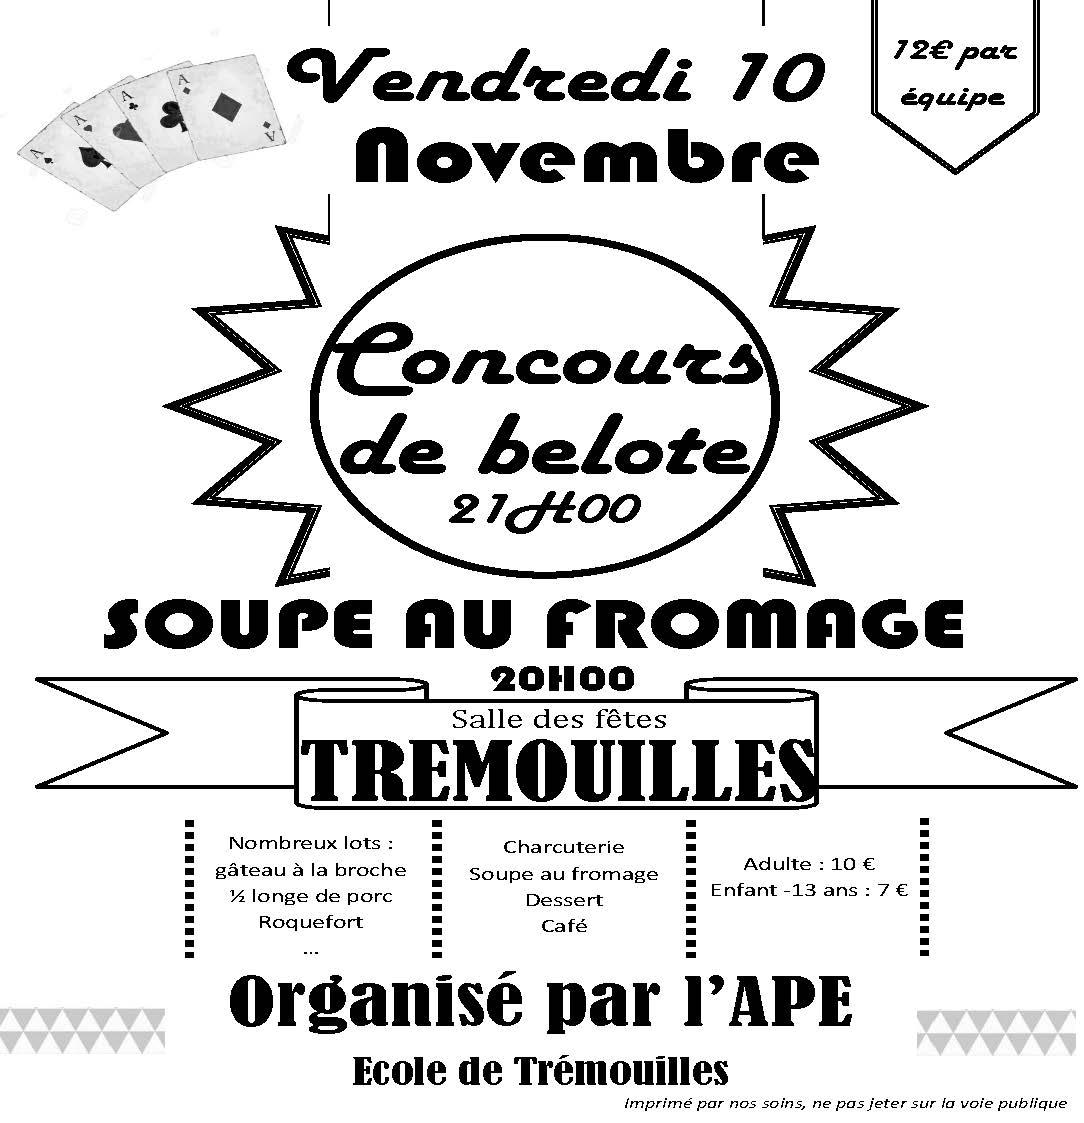 Soupe au fromage et concours de belote tremouilles 10 - Inscription 12 coups de midi numero de telephone ...